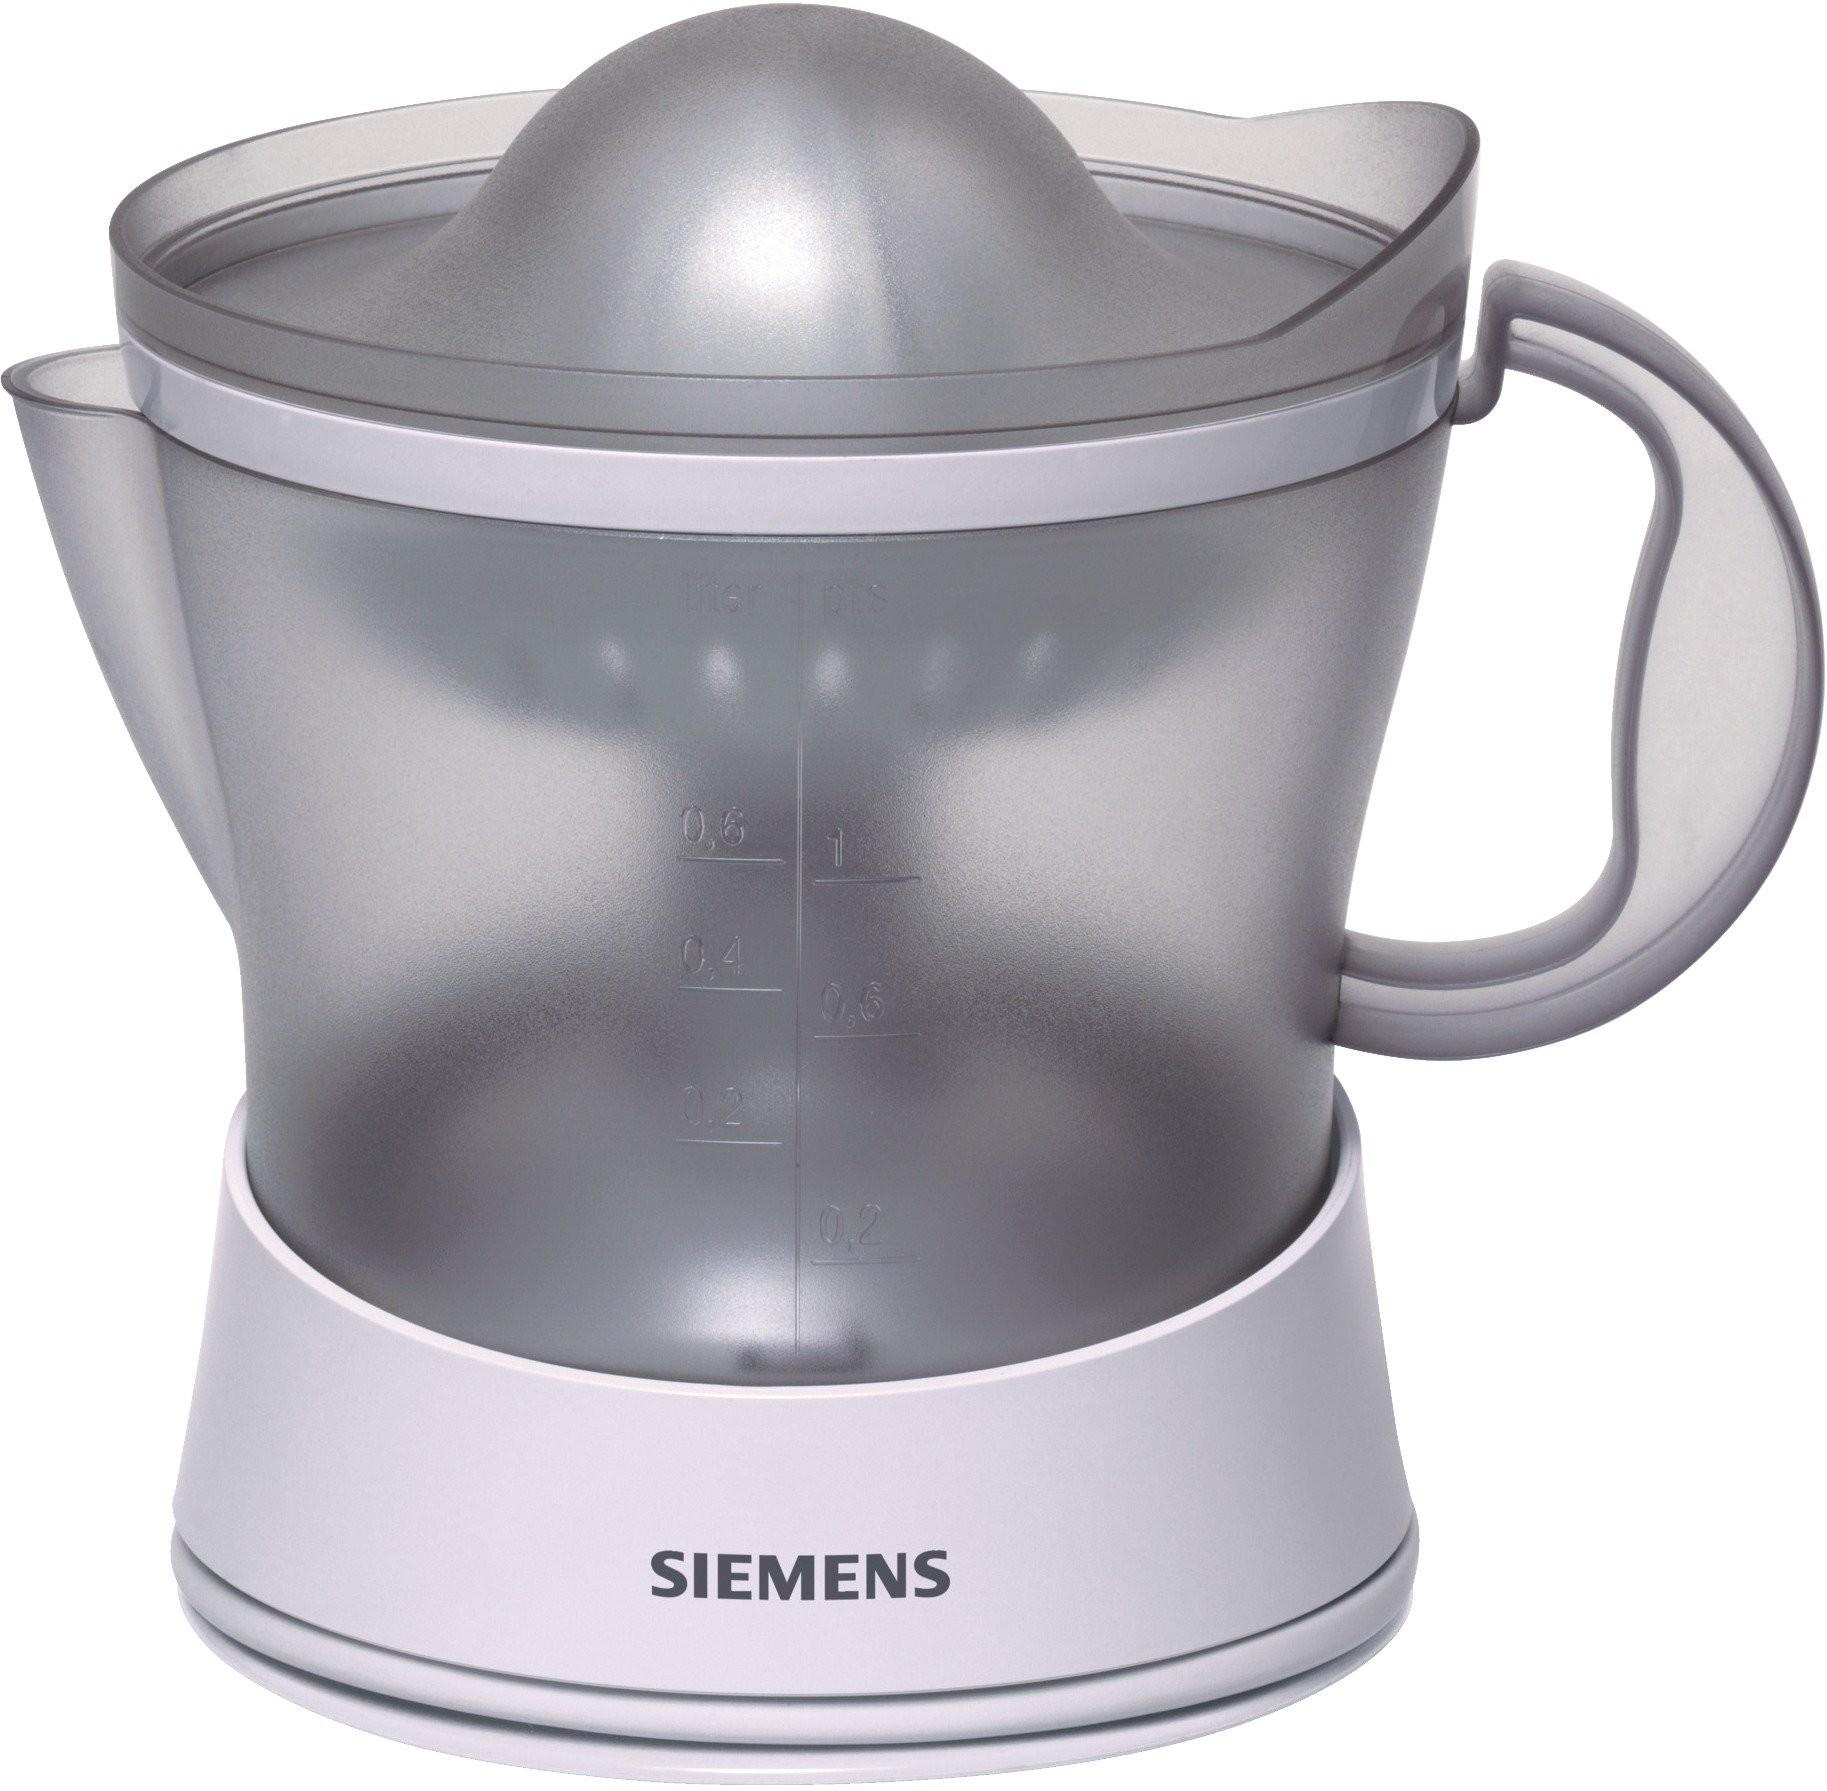 Siemens MC30000 citruspers